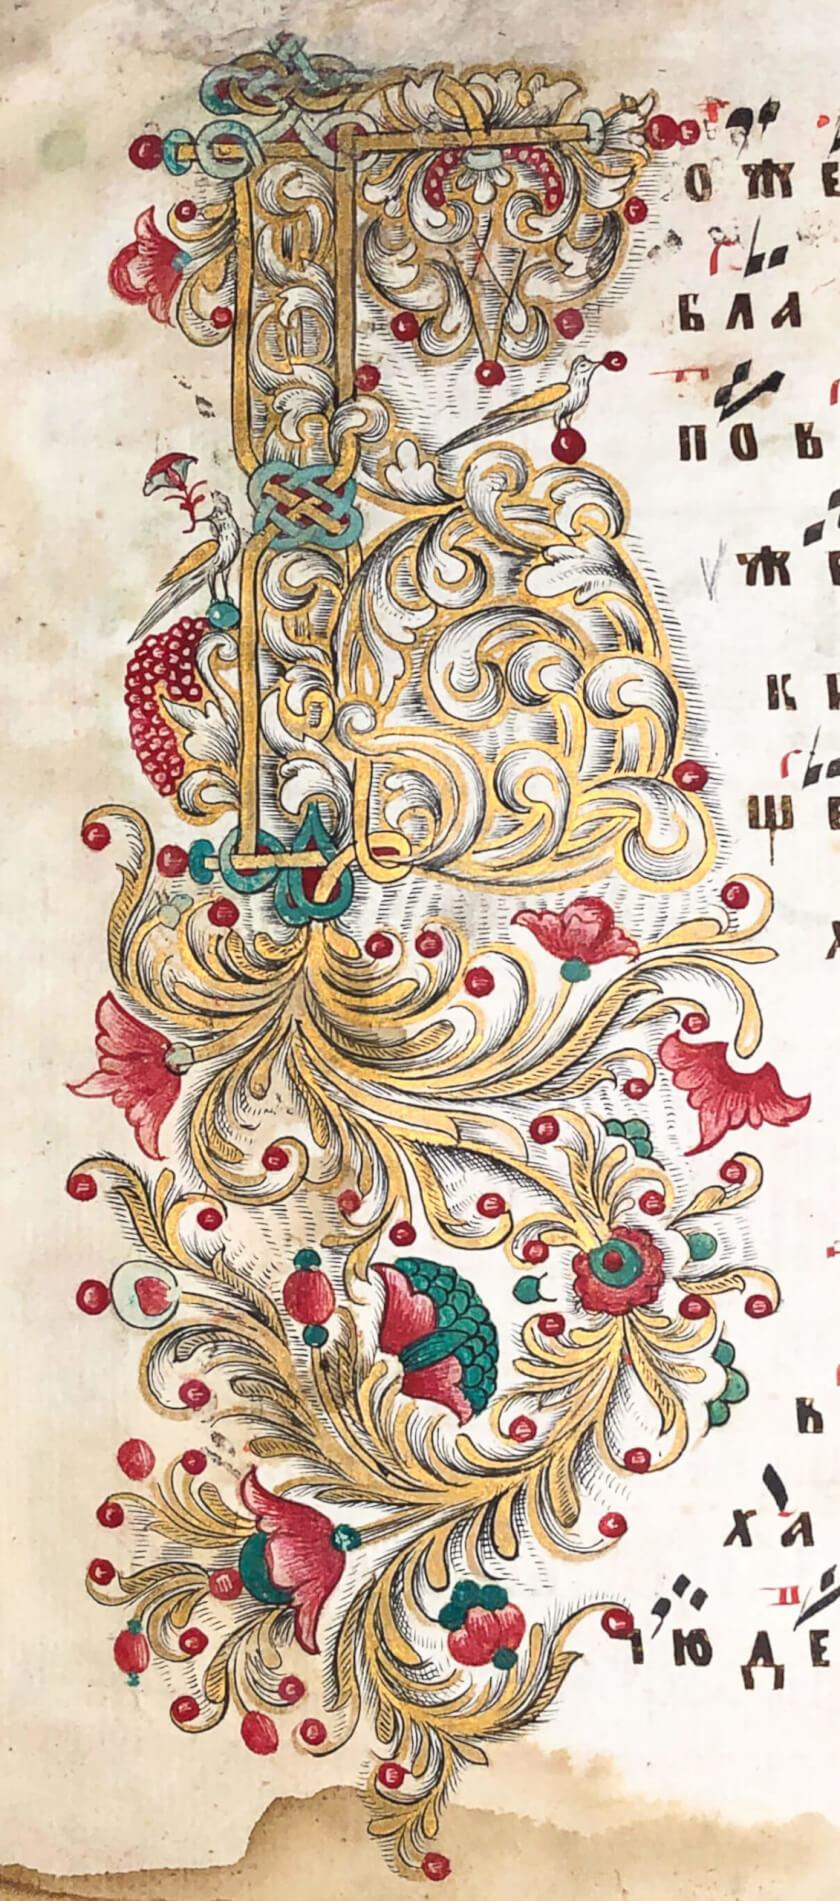 """Инициал """"Б"""". Стихирарь. Выг. 1780-е годы. Собрание Виктора Смирнова. Санкт-Петербург"""